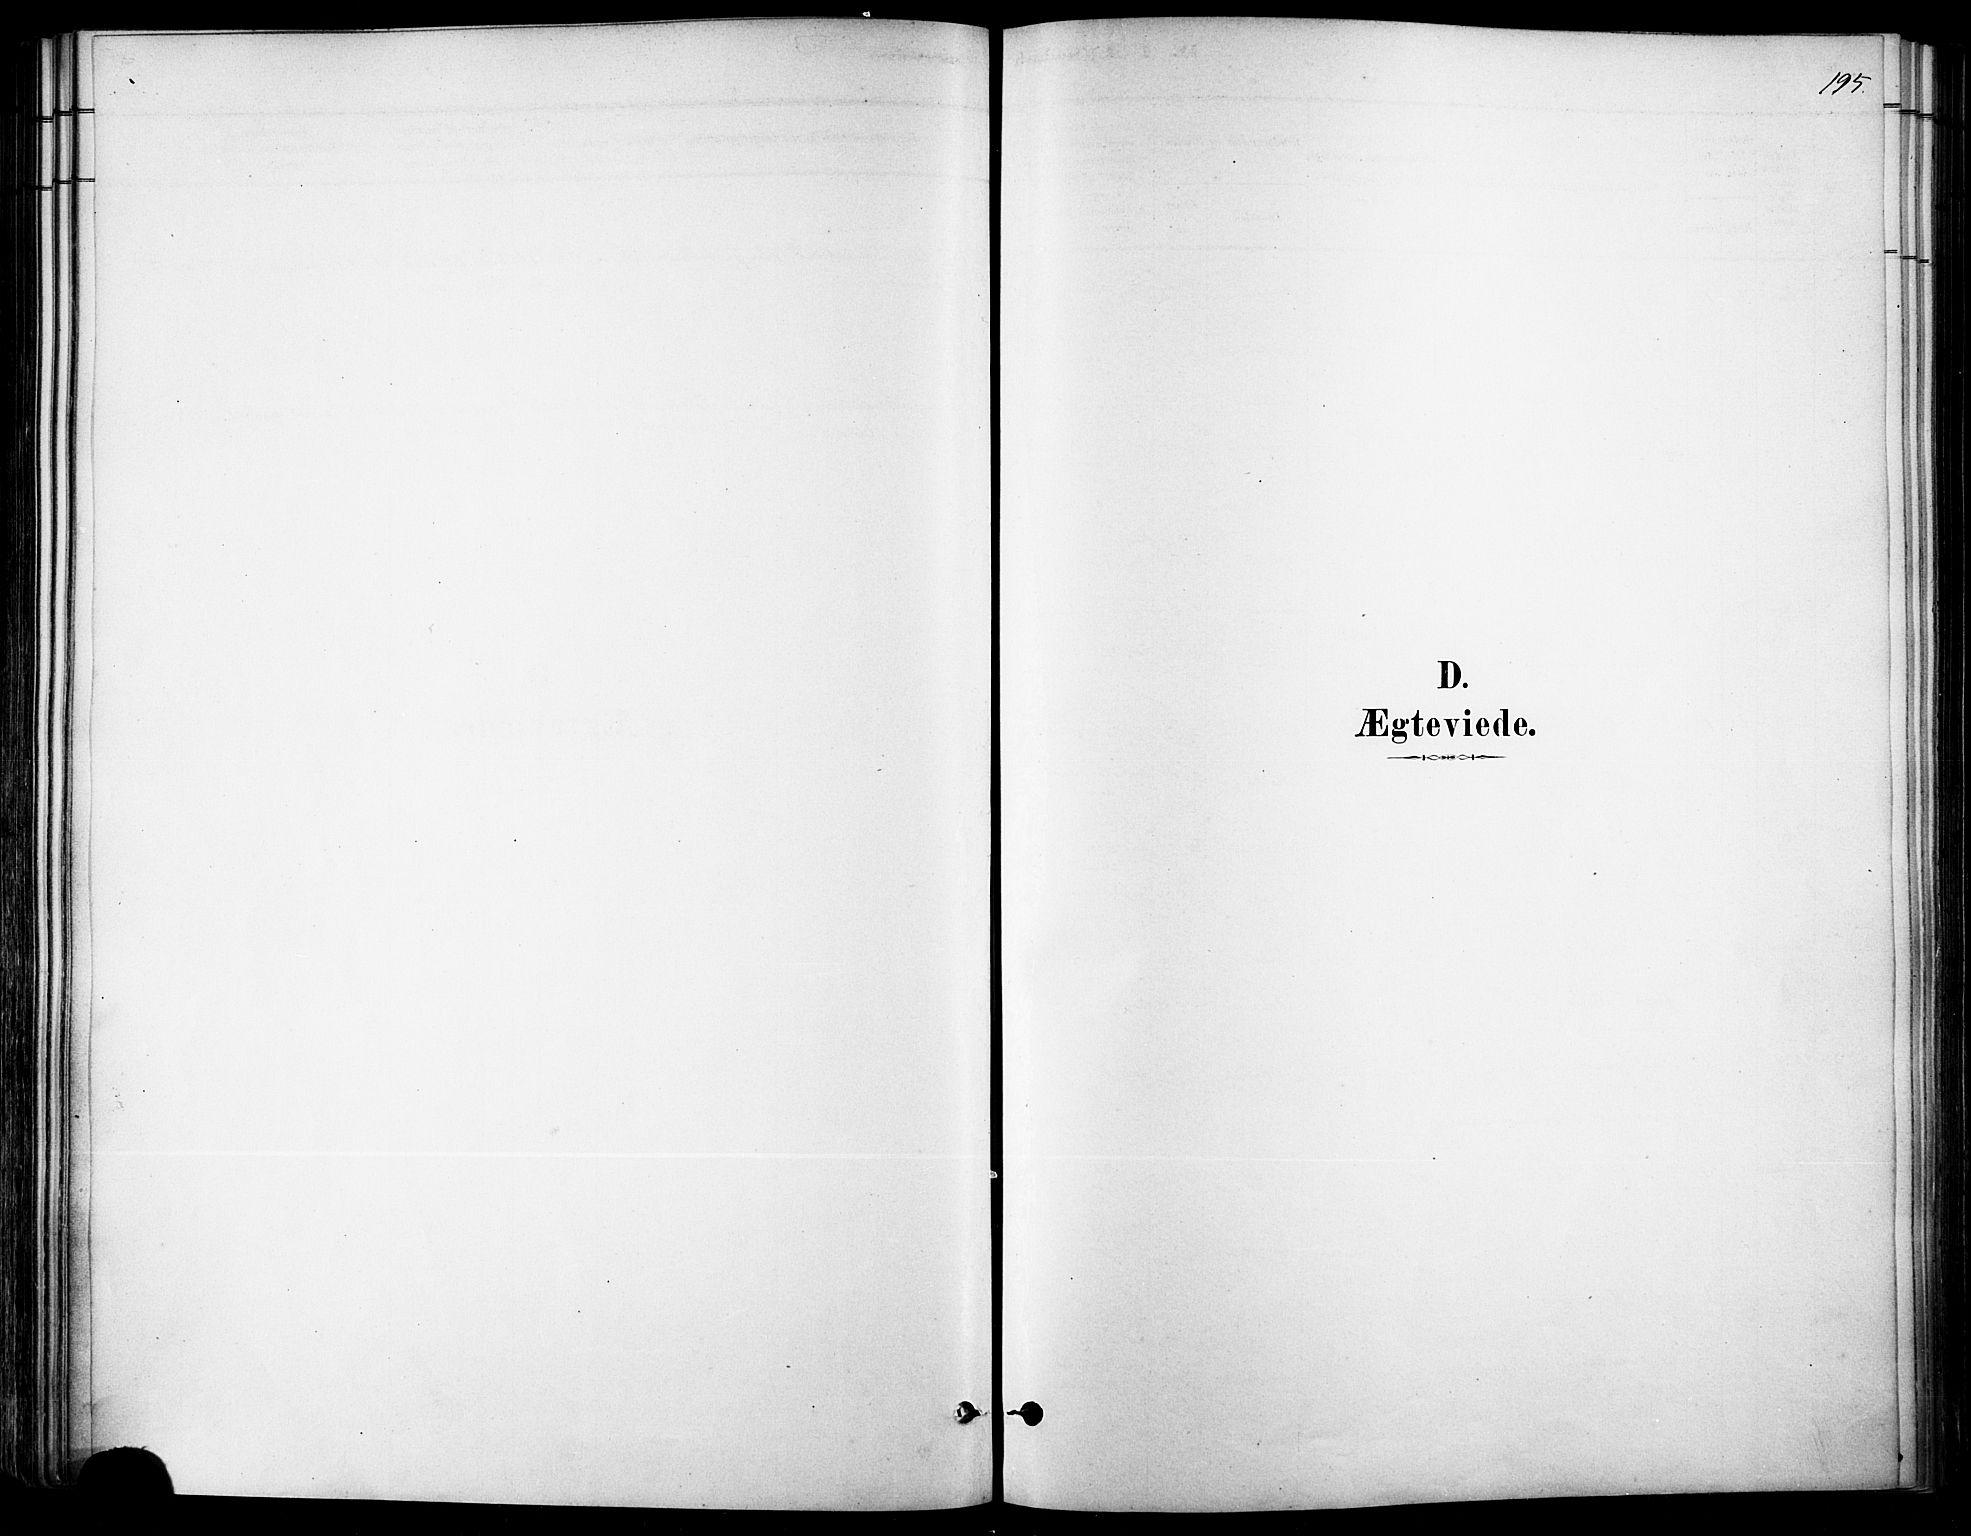 SAT, Ministerialprotokoller, klokkerbøker og fødselsregistre - Møre og Romsdal, 529/L0454: Ministerialbok nr. 529A04, 1878-1885, s. 195